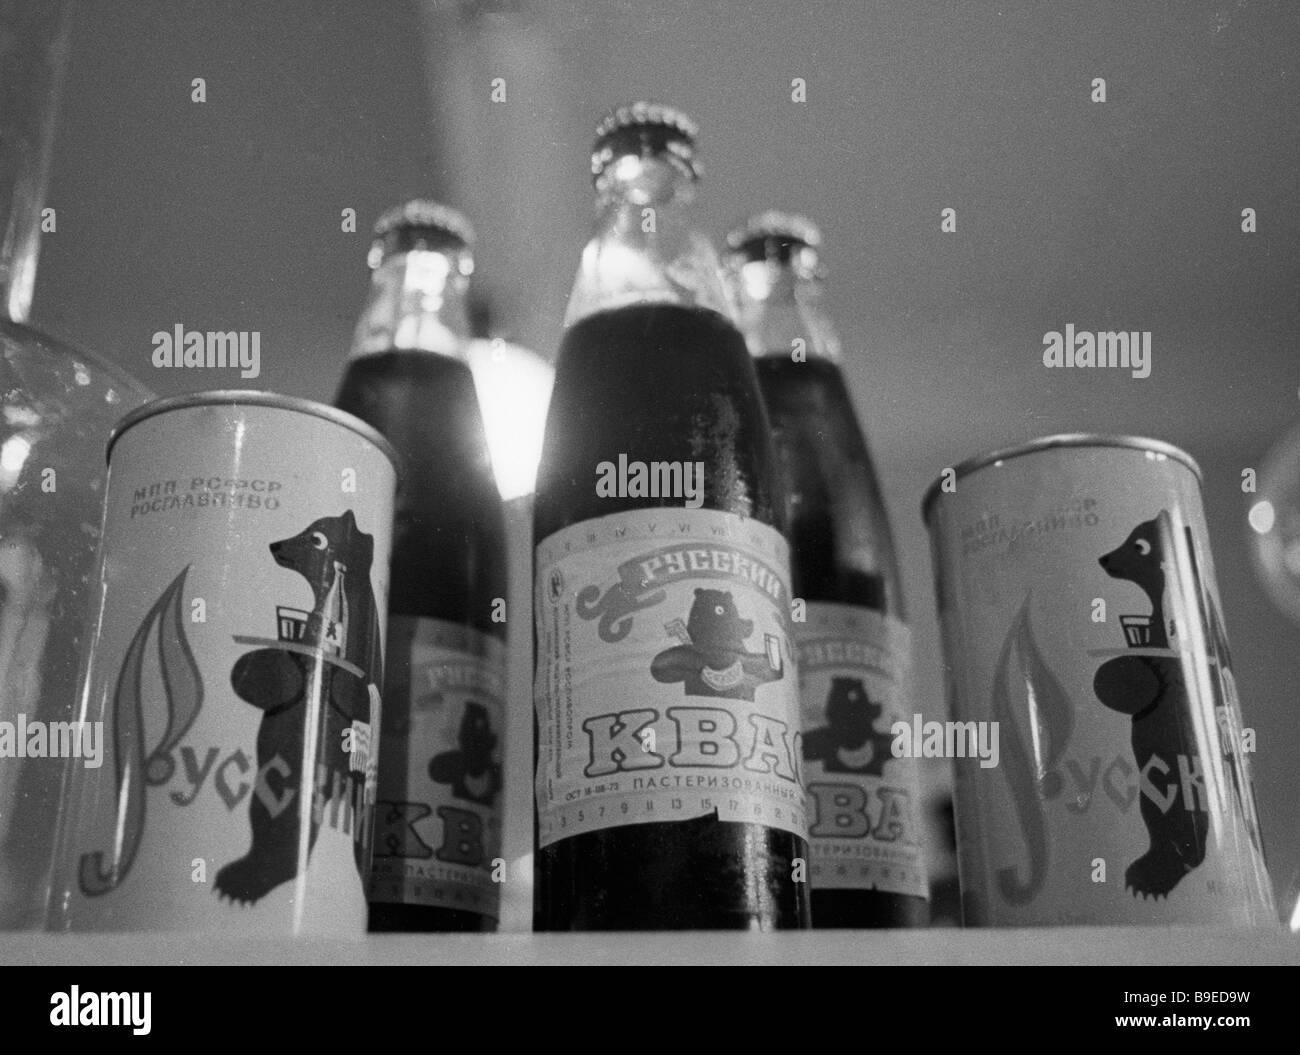 Wunderbar Getränke Dreyer Fotos - Die Besten Wohnideen - kinjolas.com